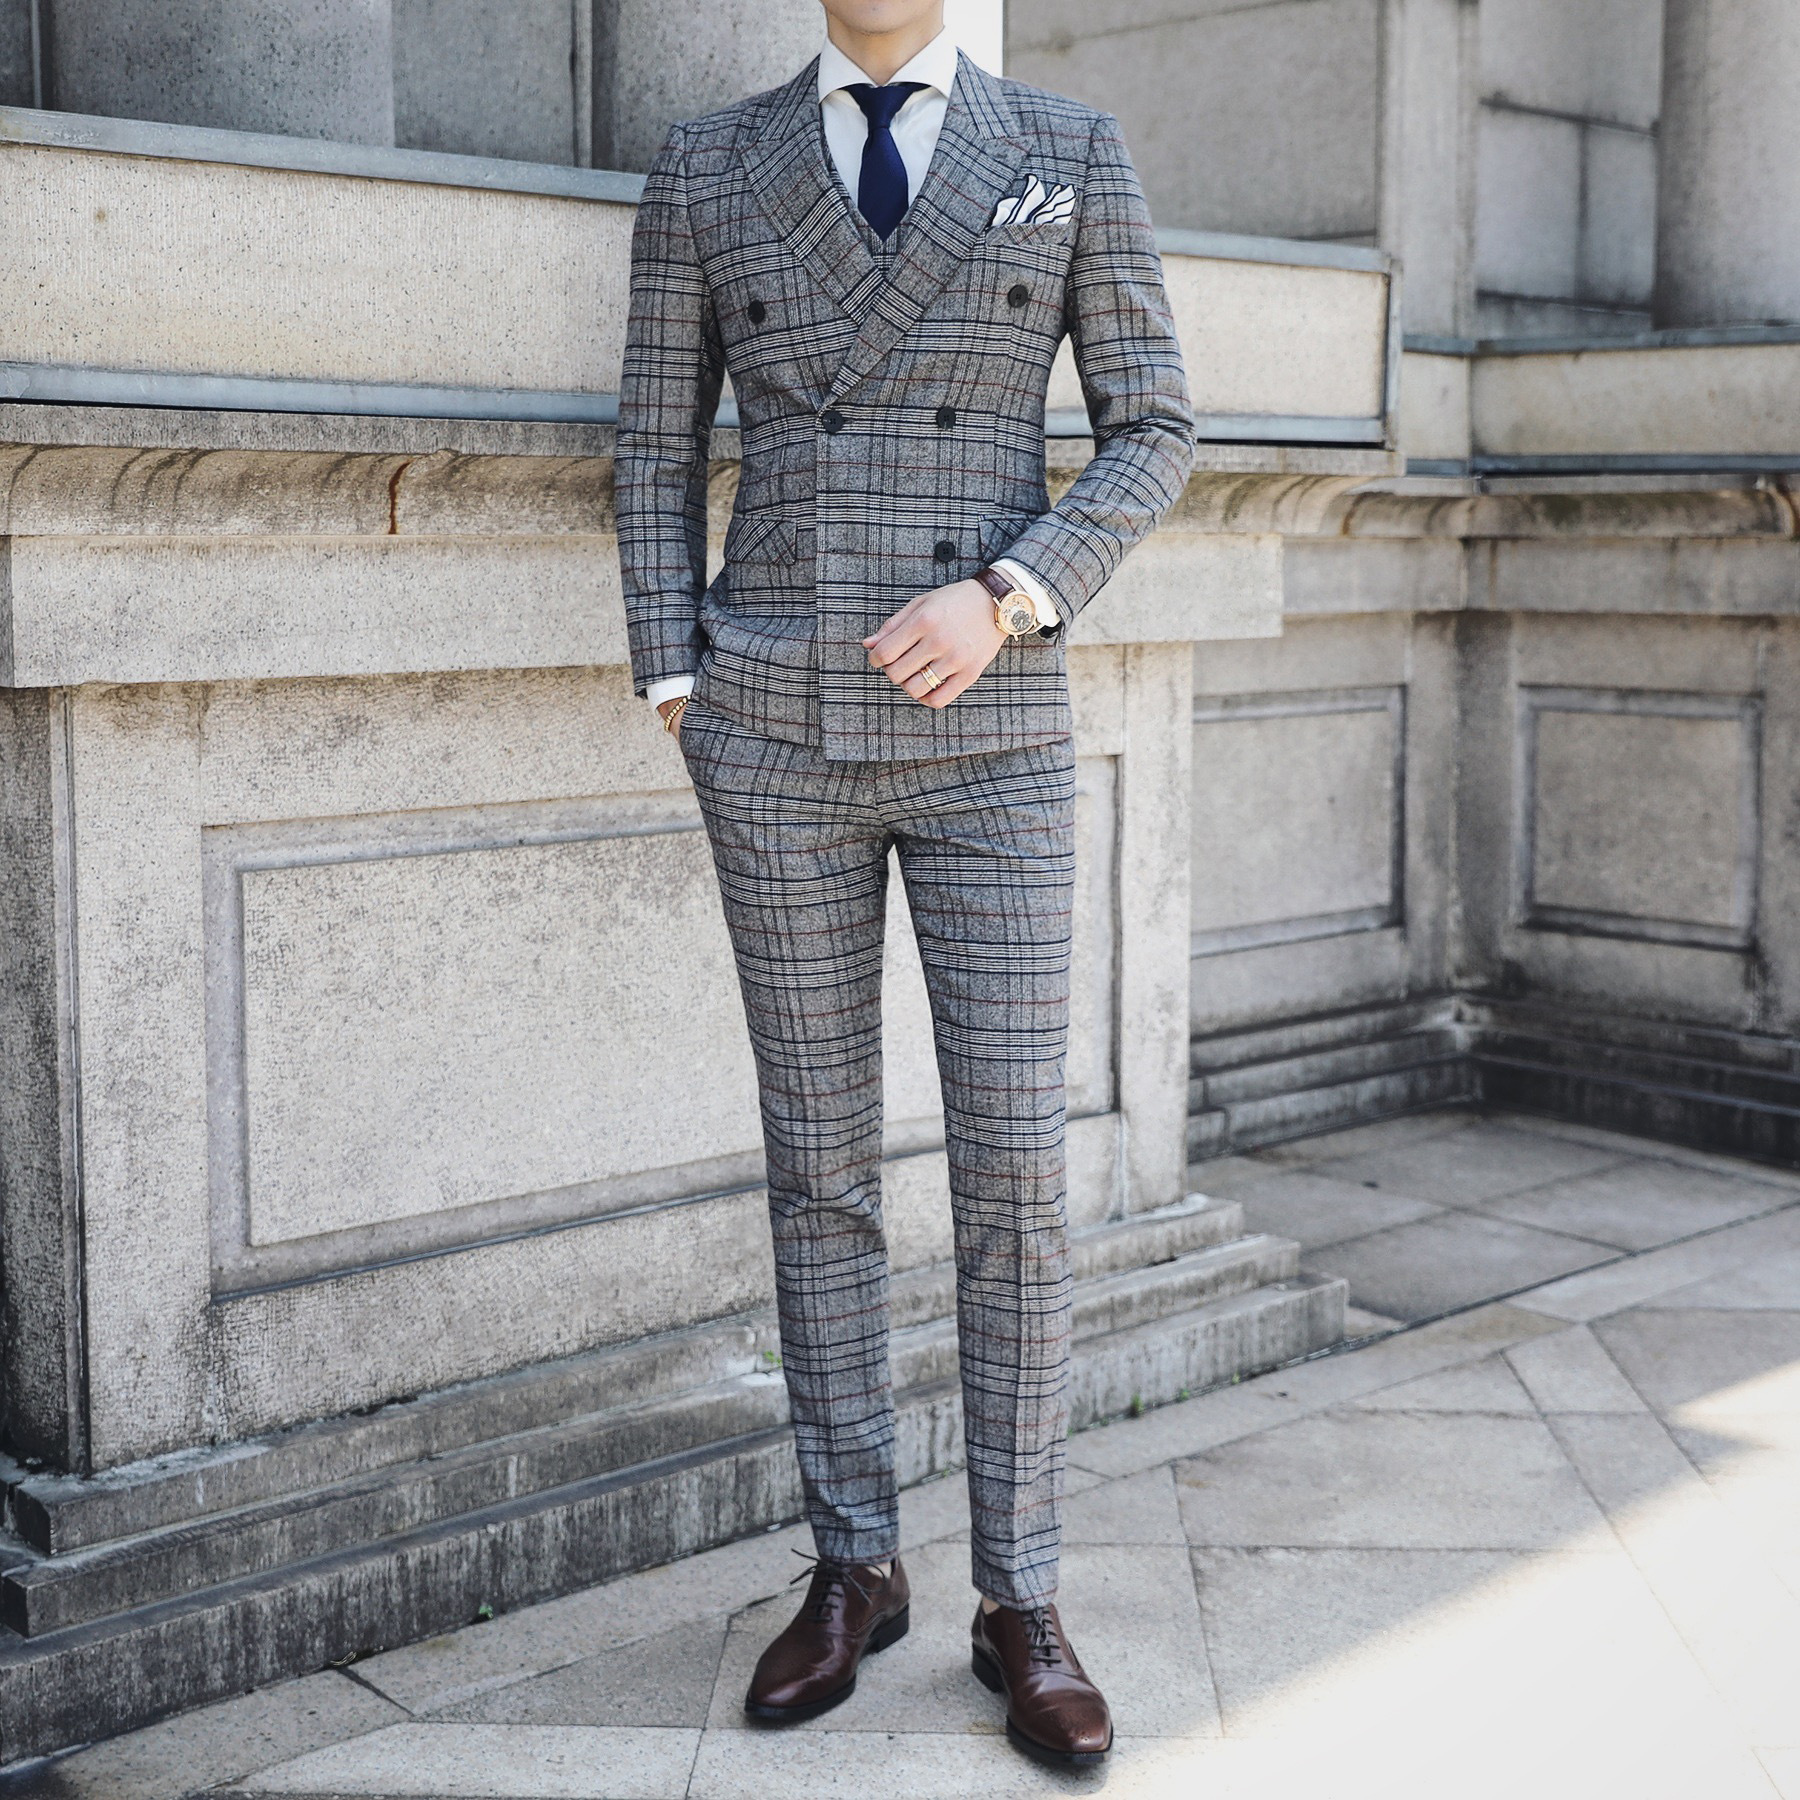 2019 Men's Autumn Color Suit New Plaid Double Breasted Suits Men's Three-Piece Slim Lapel Suit Men